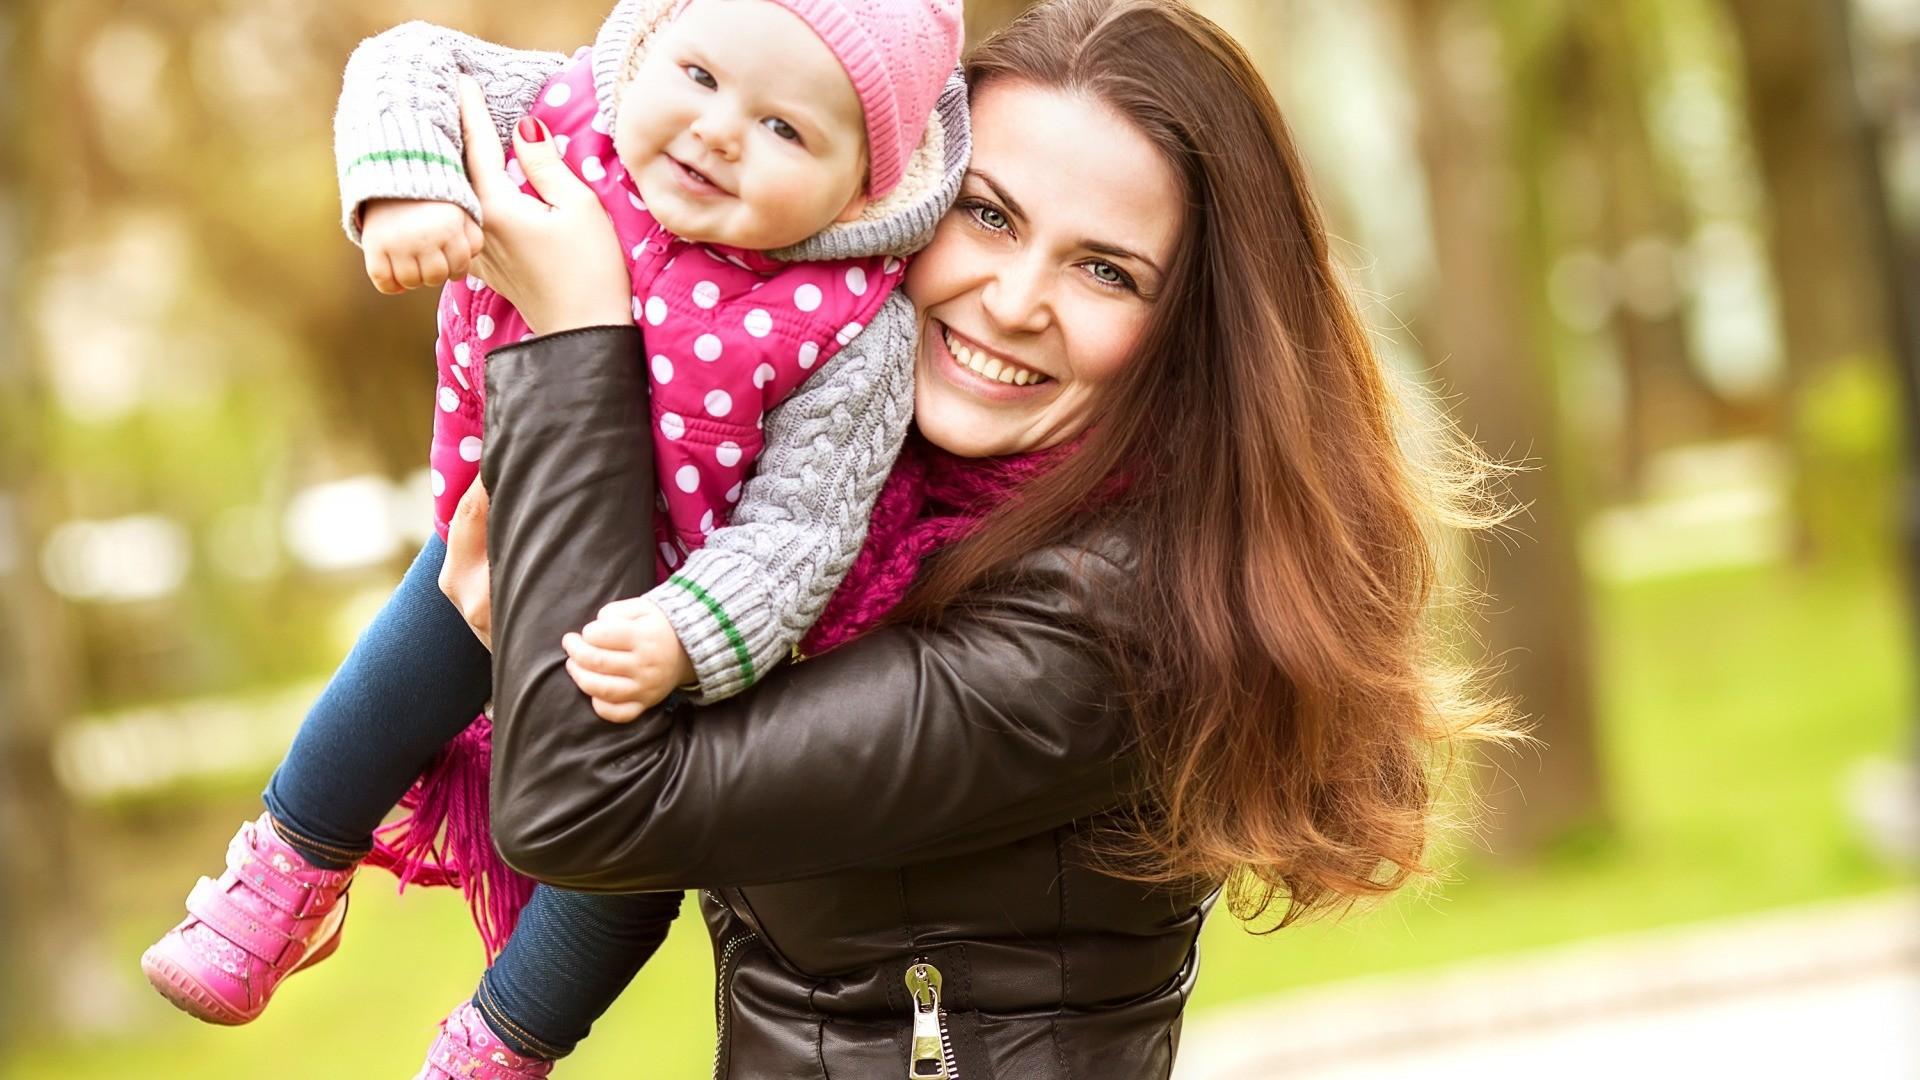 Смотреть онлайн молодая мамочка